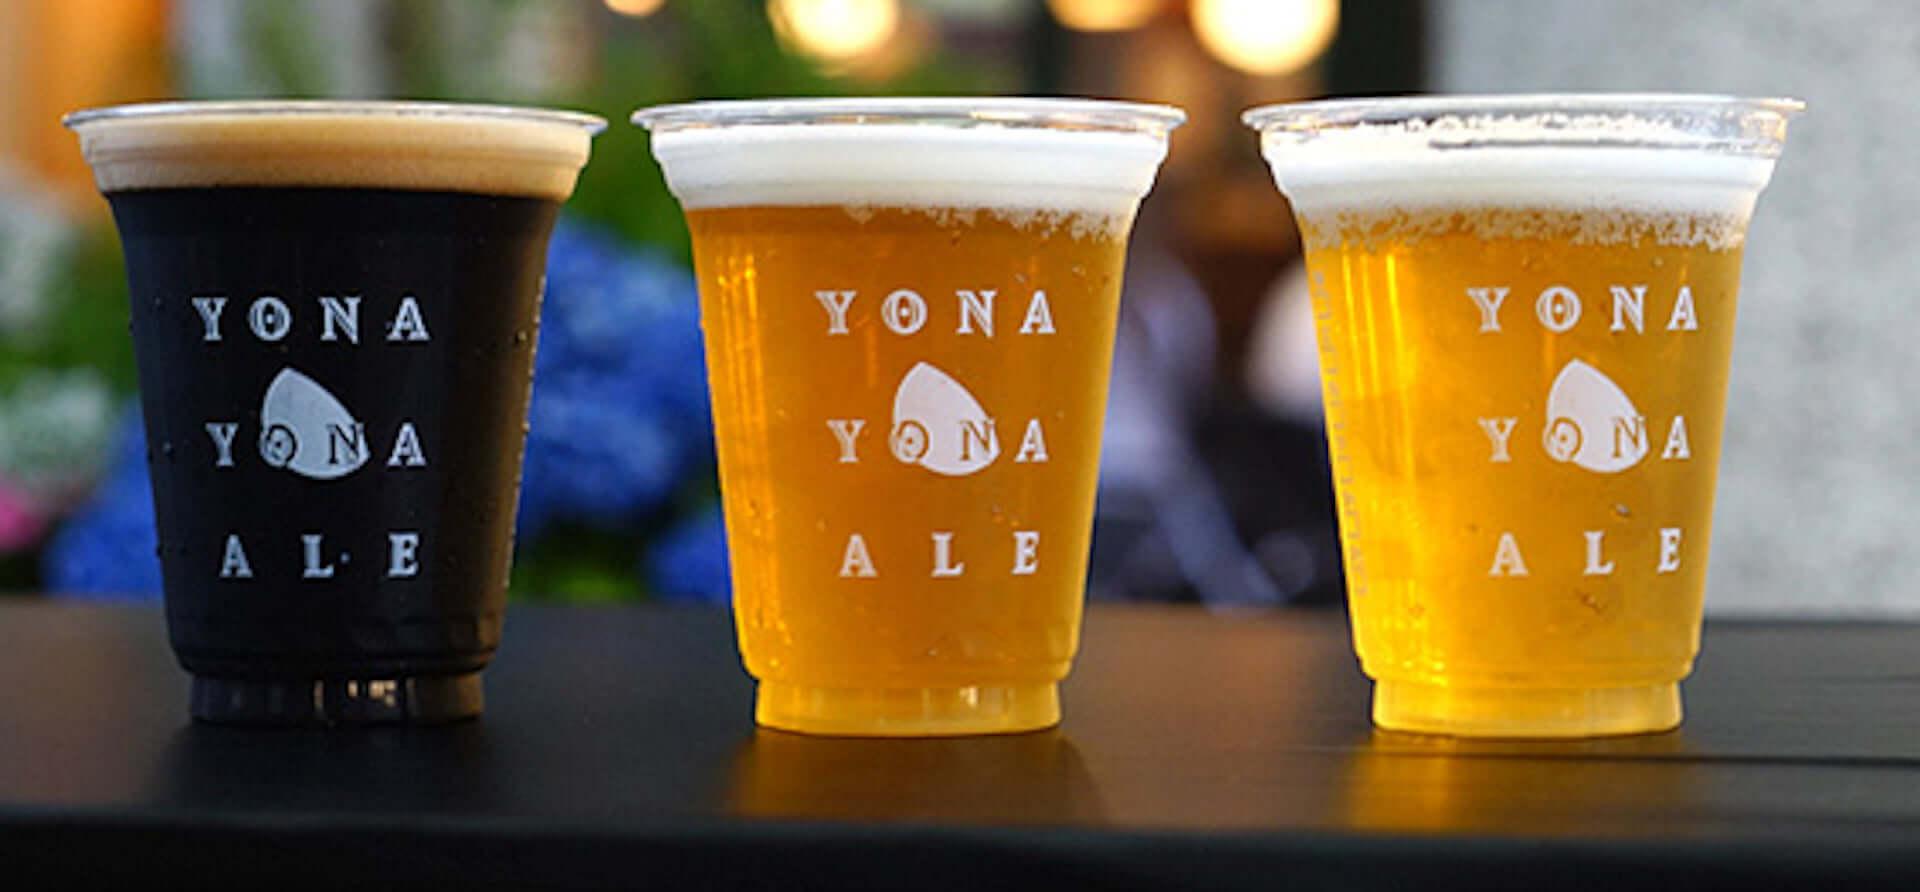 『よなよなエール』などのクラフトビールをお家でも!よなよなビアワークス赤坂店がビールのテイクアウト販売を明日開始 gourmet200427_yonayonabeerworks_12-1920x892